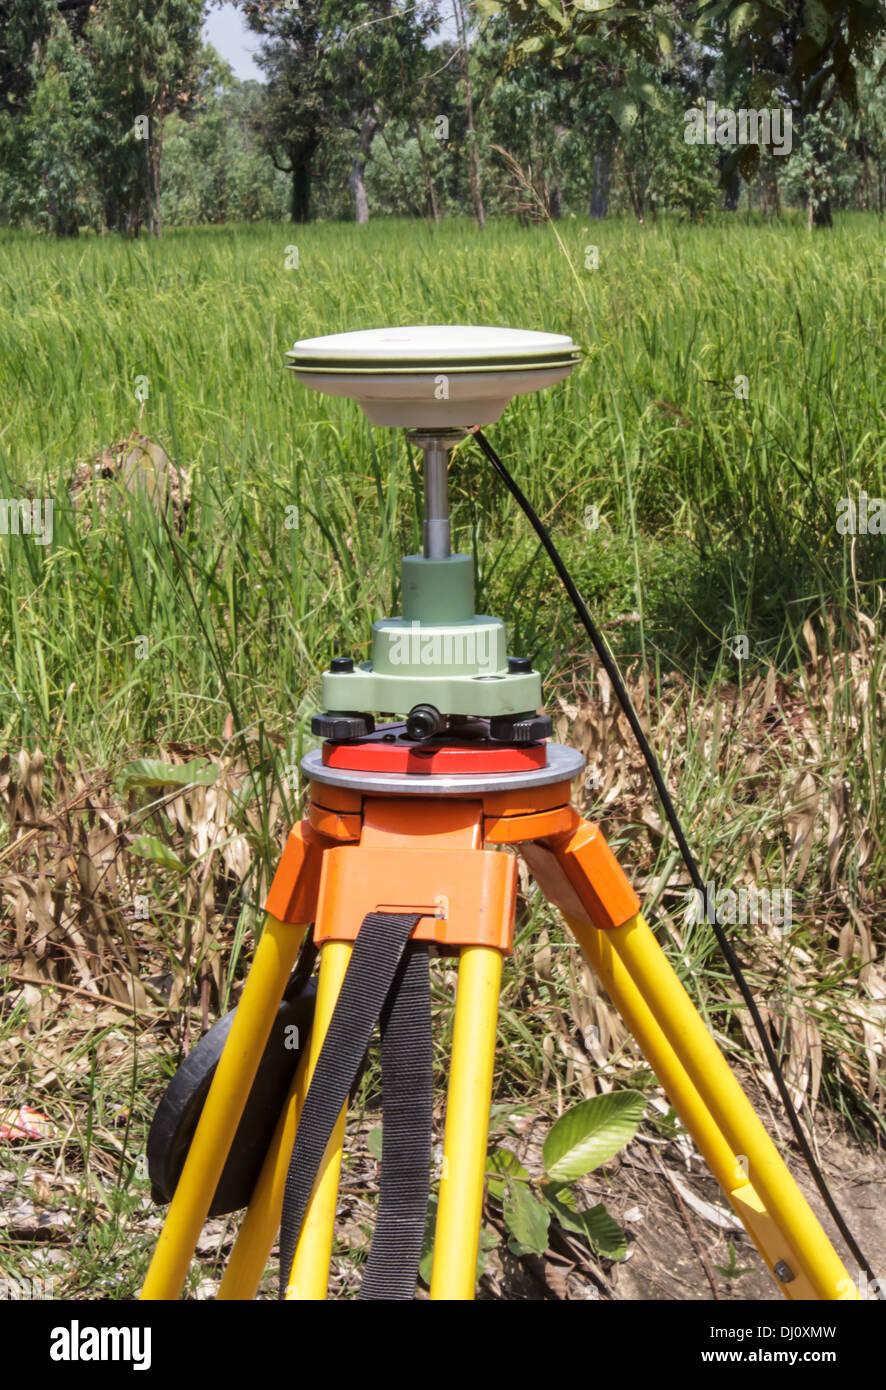 Gps Surveying Stock Photos & Gps Surveying Stock Images - Alamy